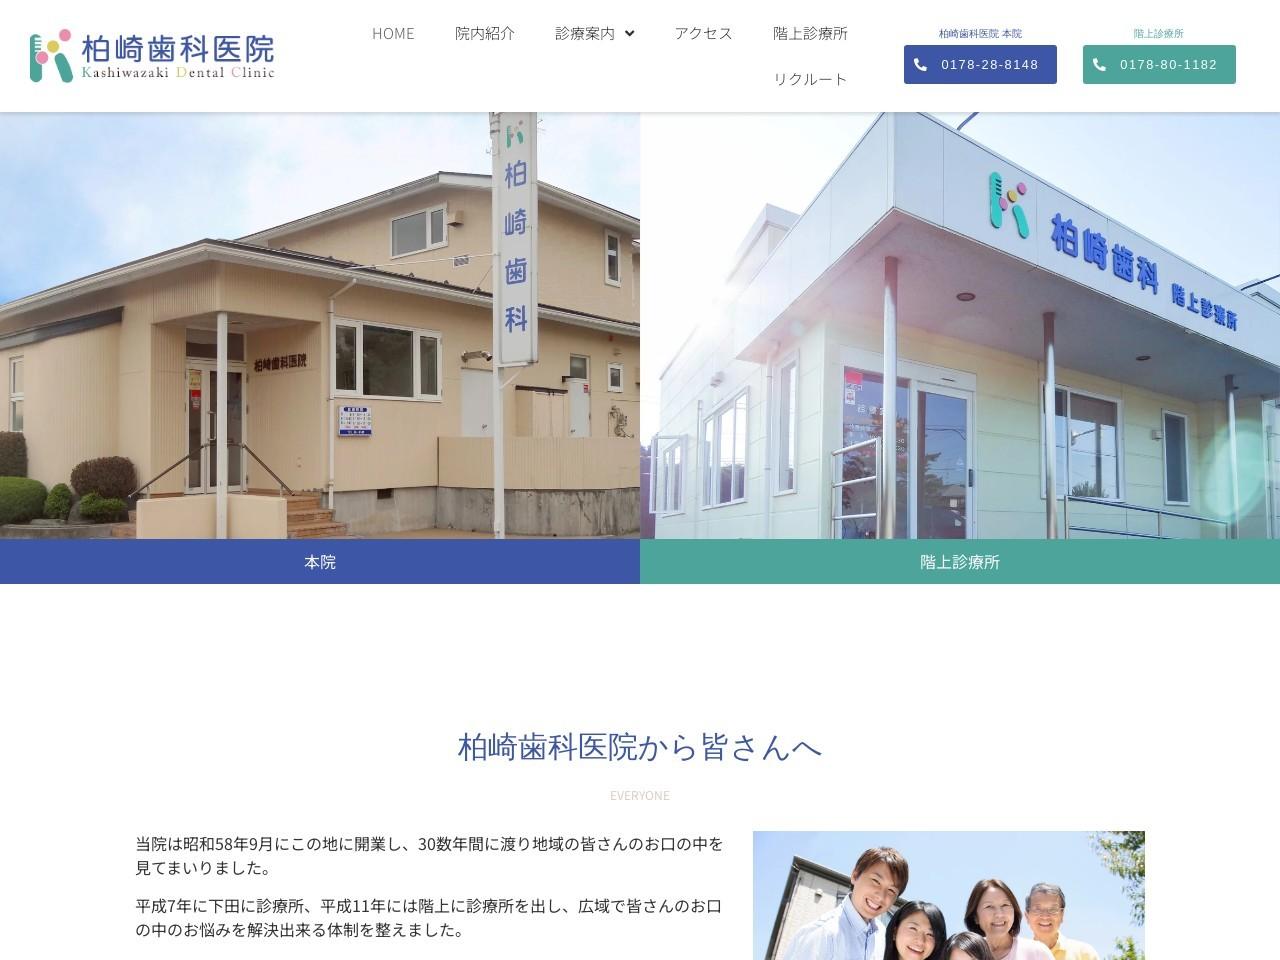 柏崎歯科医院 (青森県八戸市)